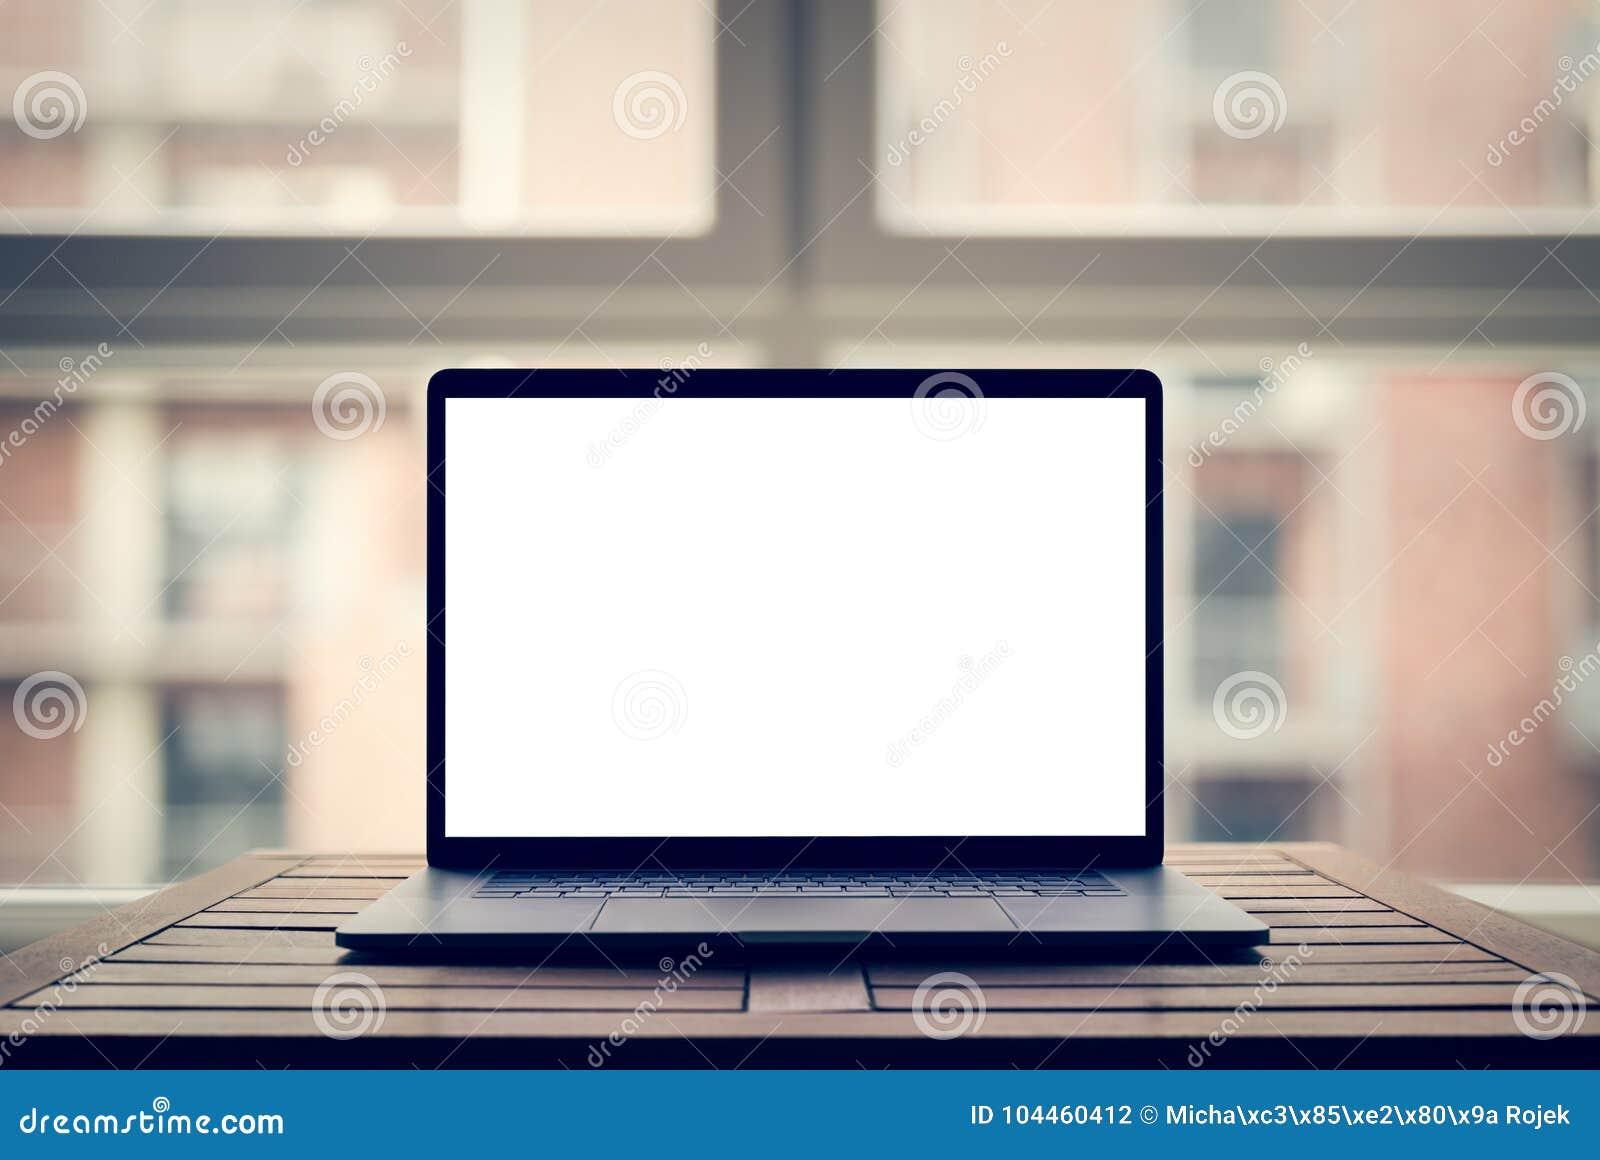 Laptop mit leerem Bildschirm auf Tabelle im modernen Dachboden